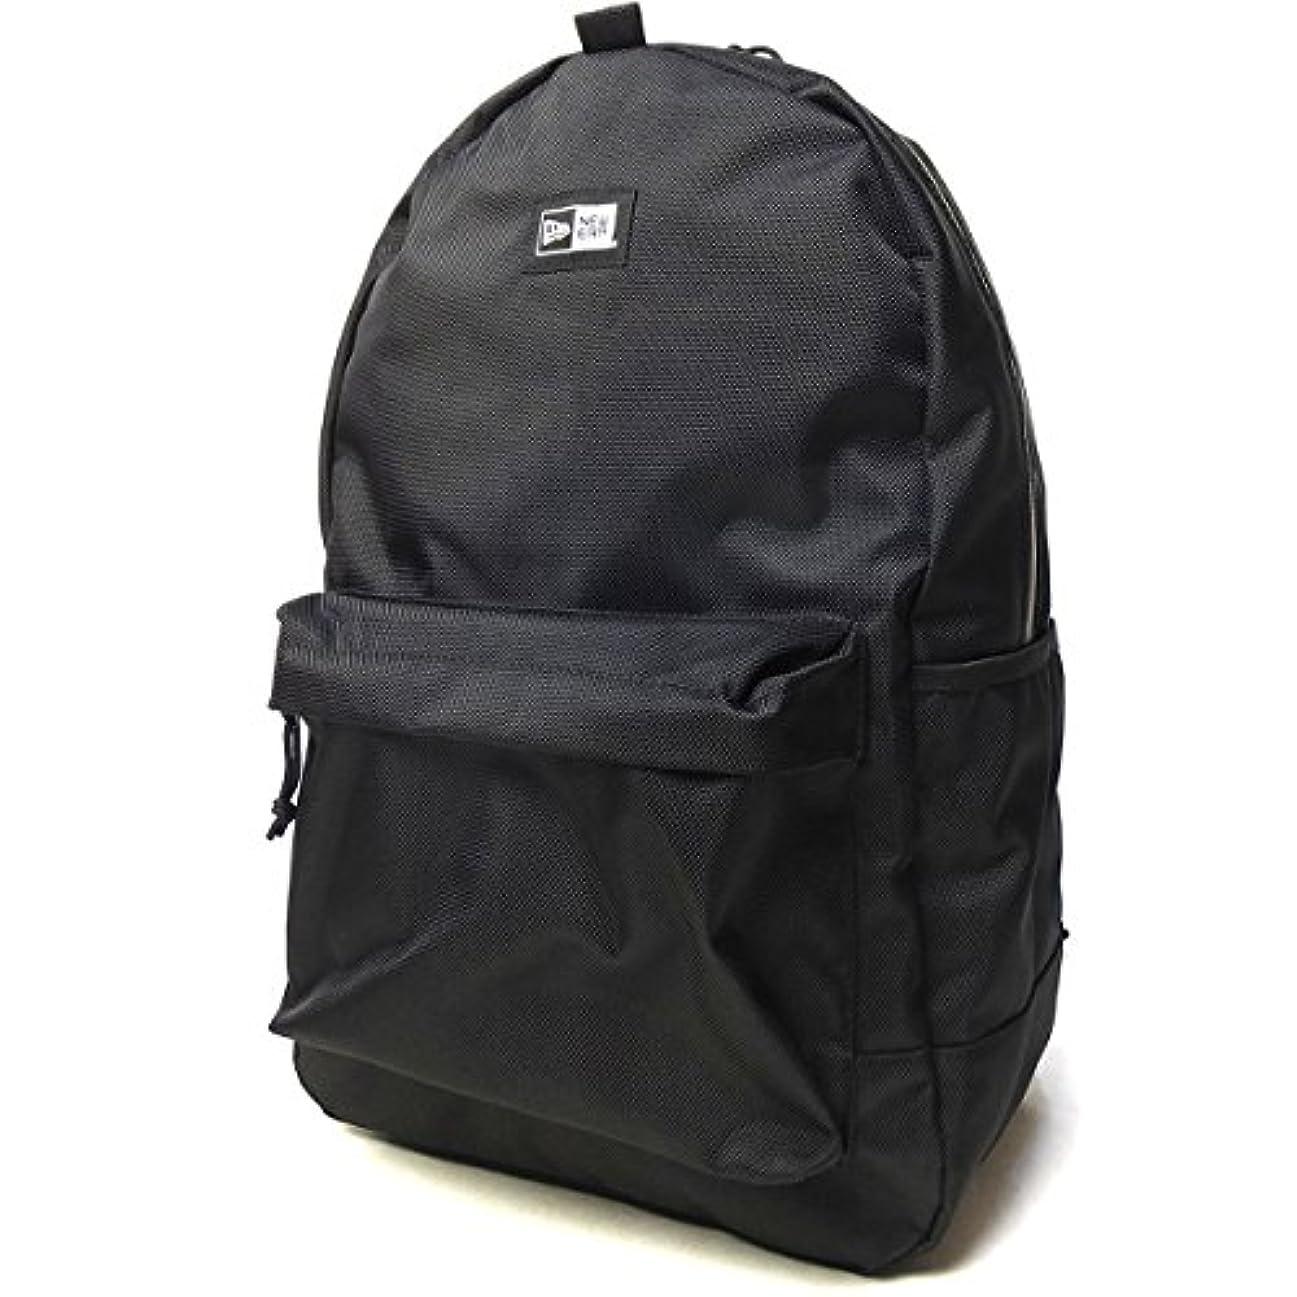 専門知性玉ニューエラ ライトパック ブラック 黒 カバン バッグ リュックサック バッグパック 鞄 NEWERA LIGHT PACK BLACK 11404230